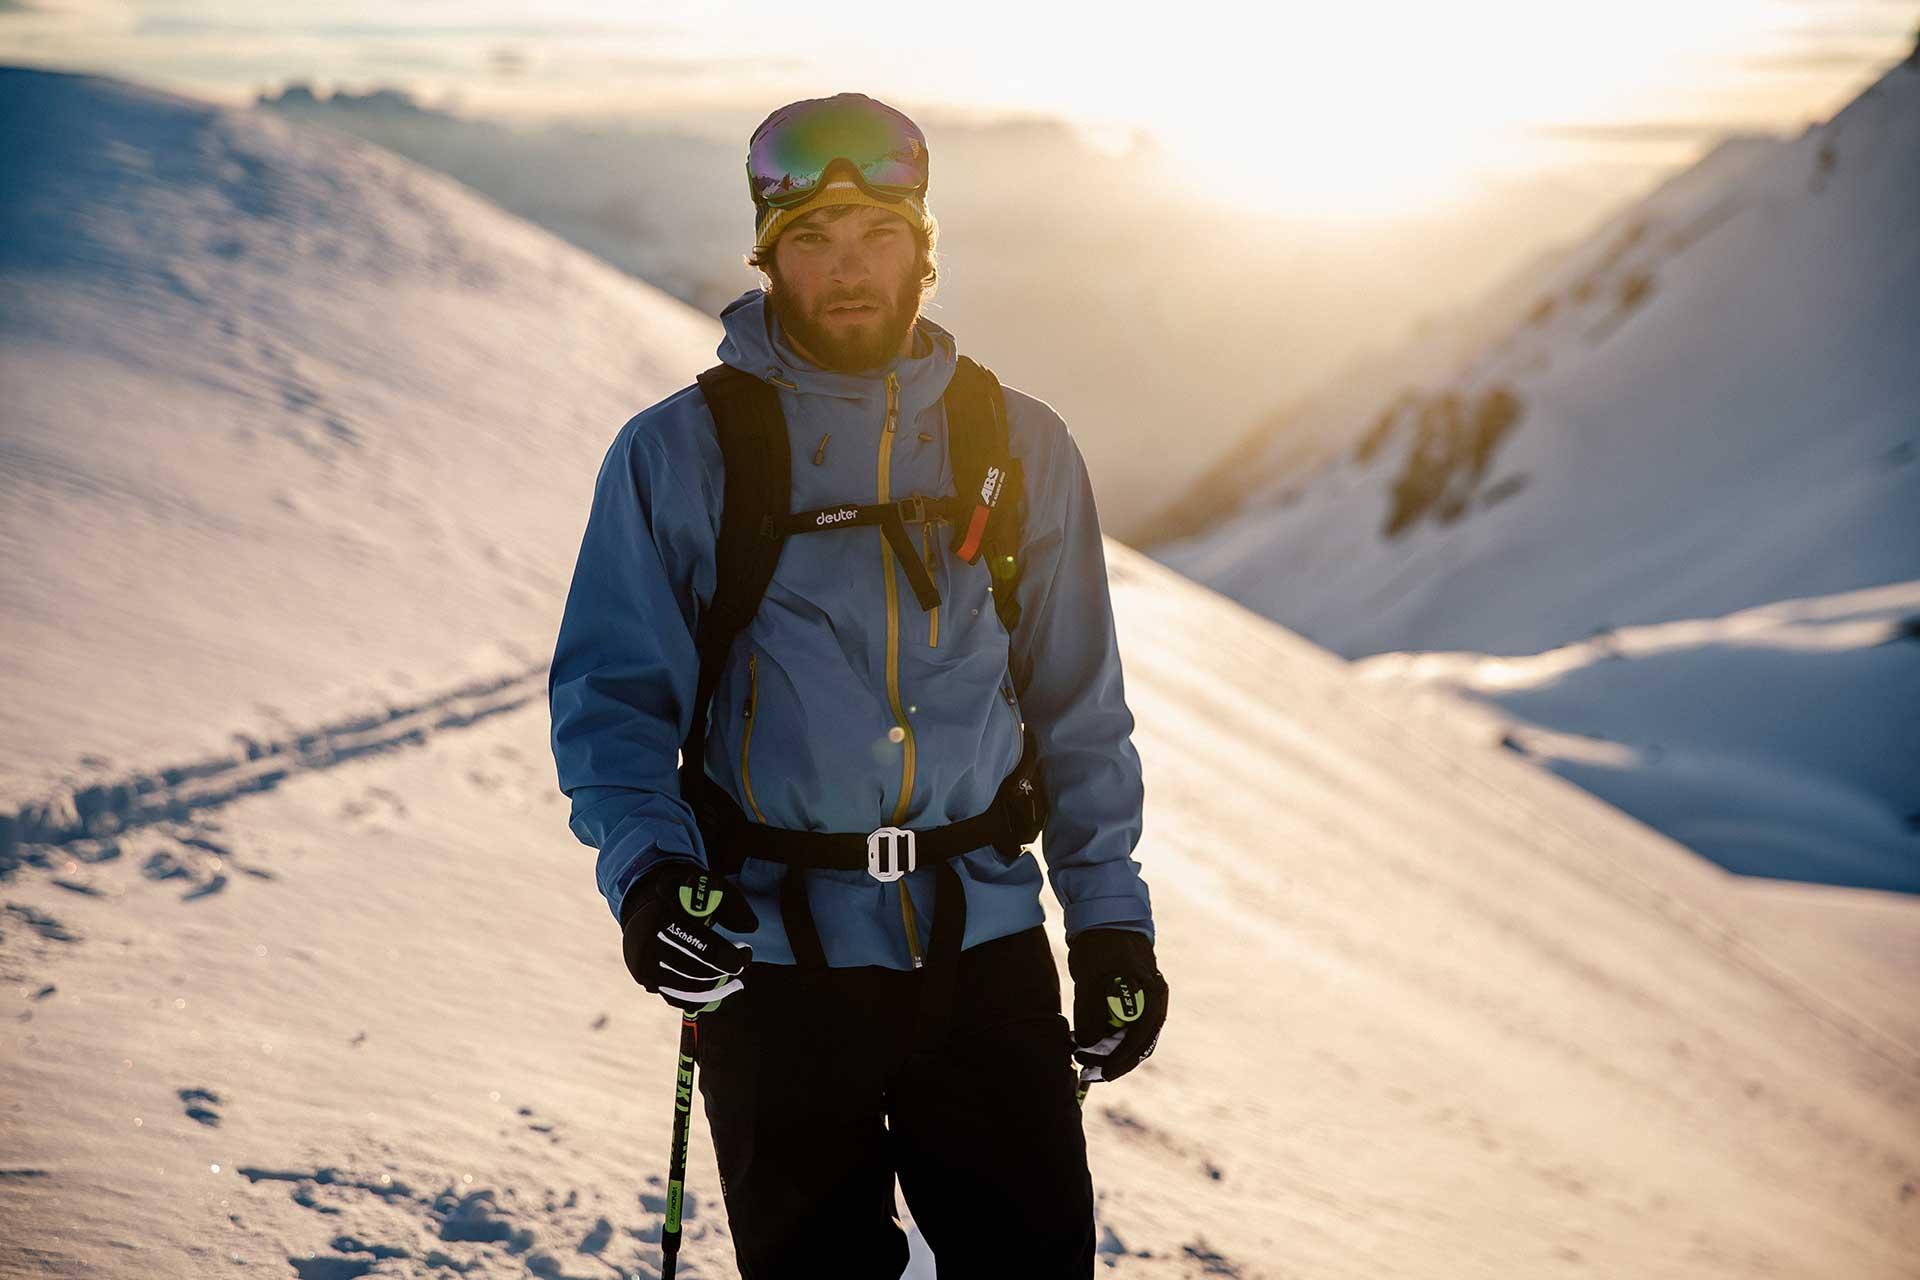 Wintersport Tiefschnee Sportfotograf Arlberg Bekleidung Schöffel